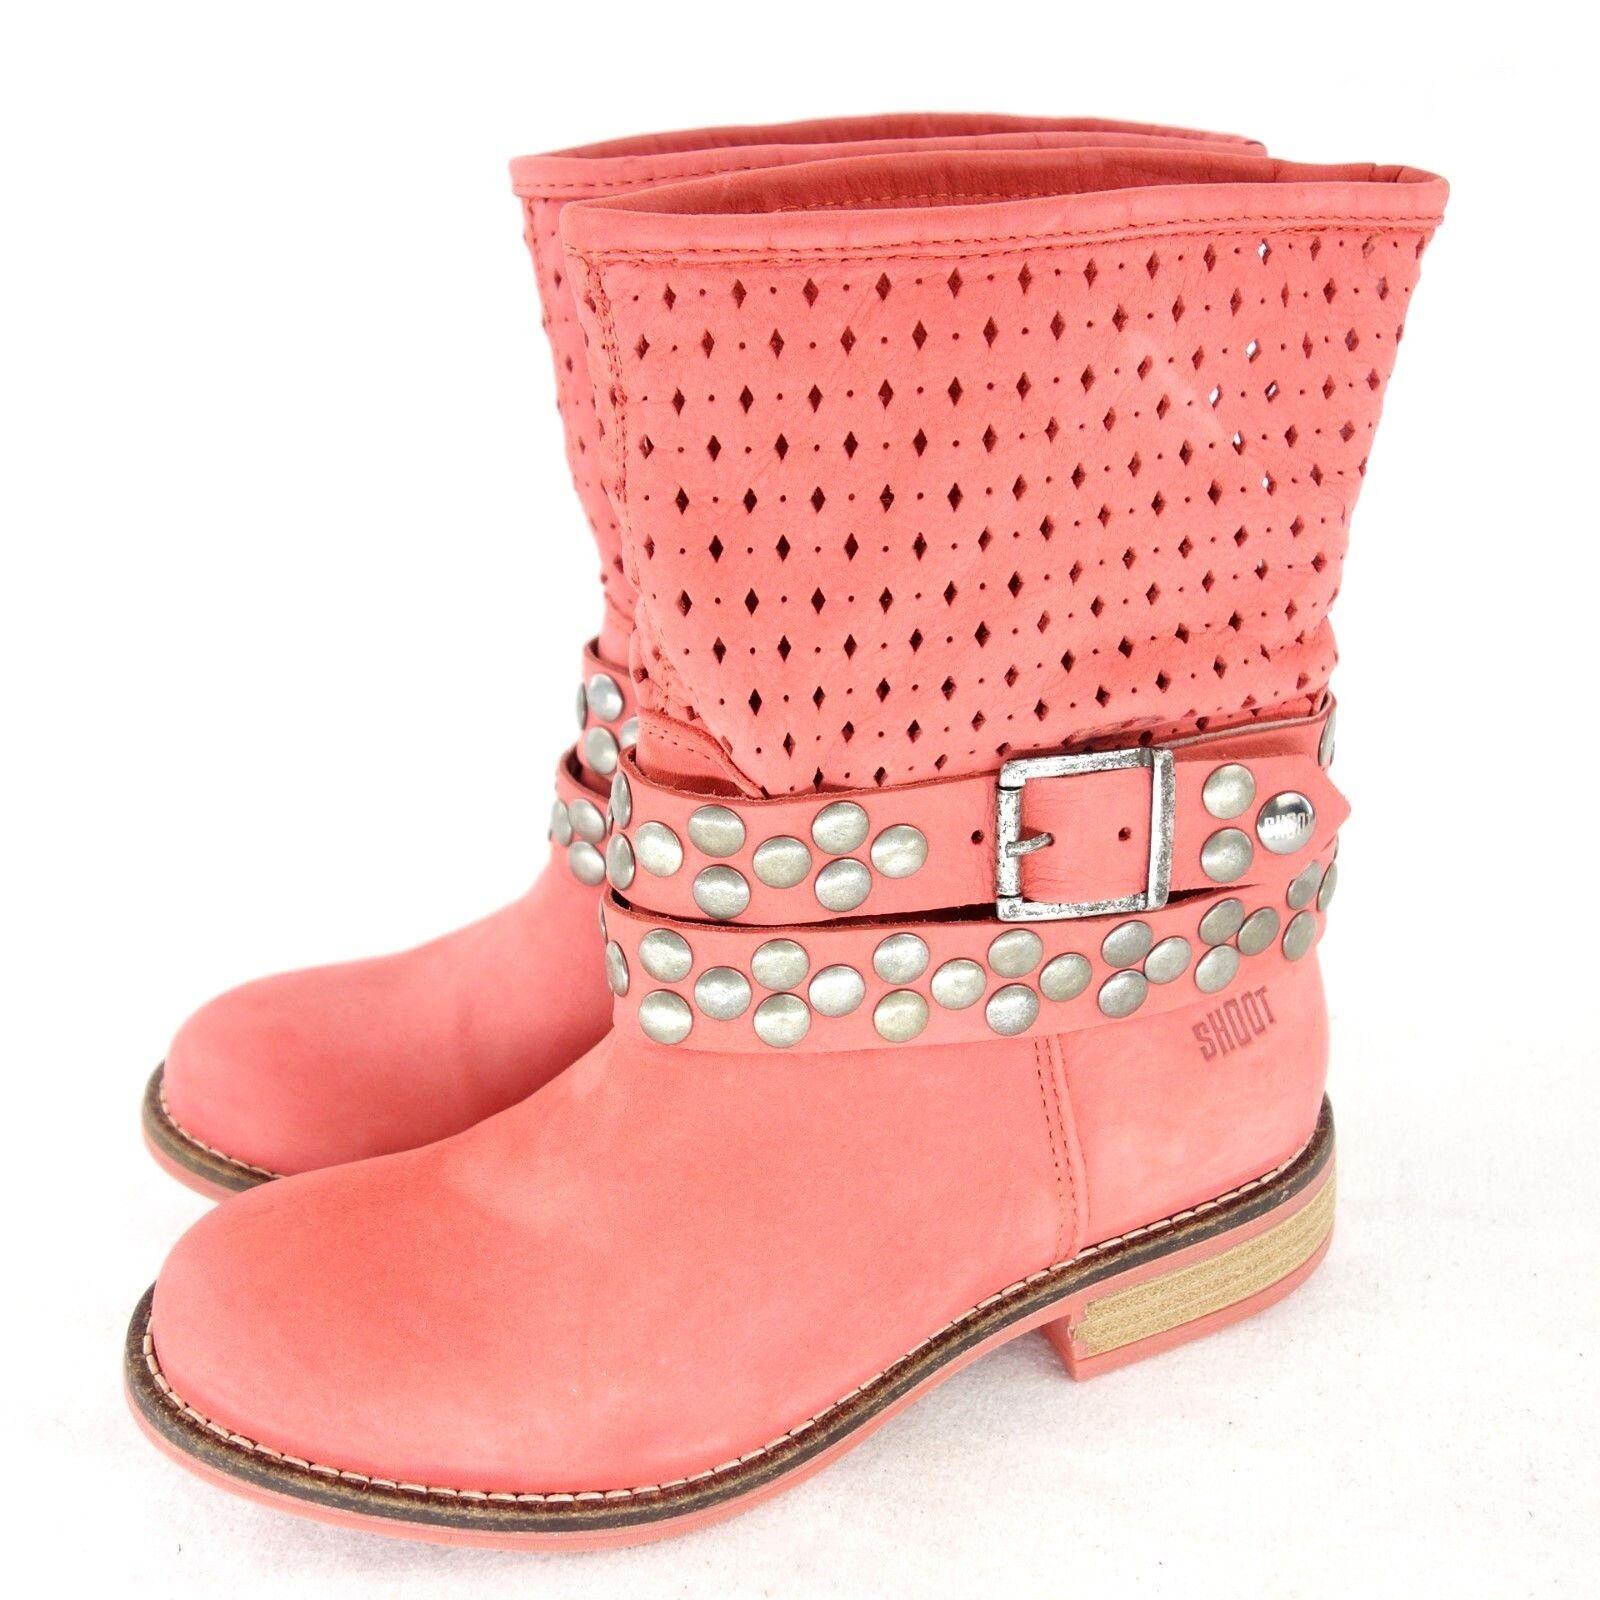 SHOOT Damen Stiefel Stiefeletten Schuhe Stiefel Leder 37 Gr 36 37 Leder 38 39 41 NP 129 NEU d4da77